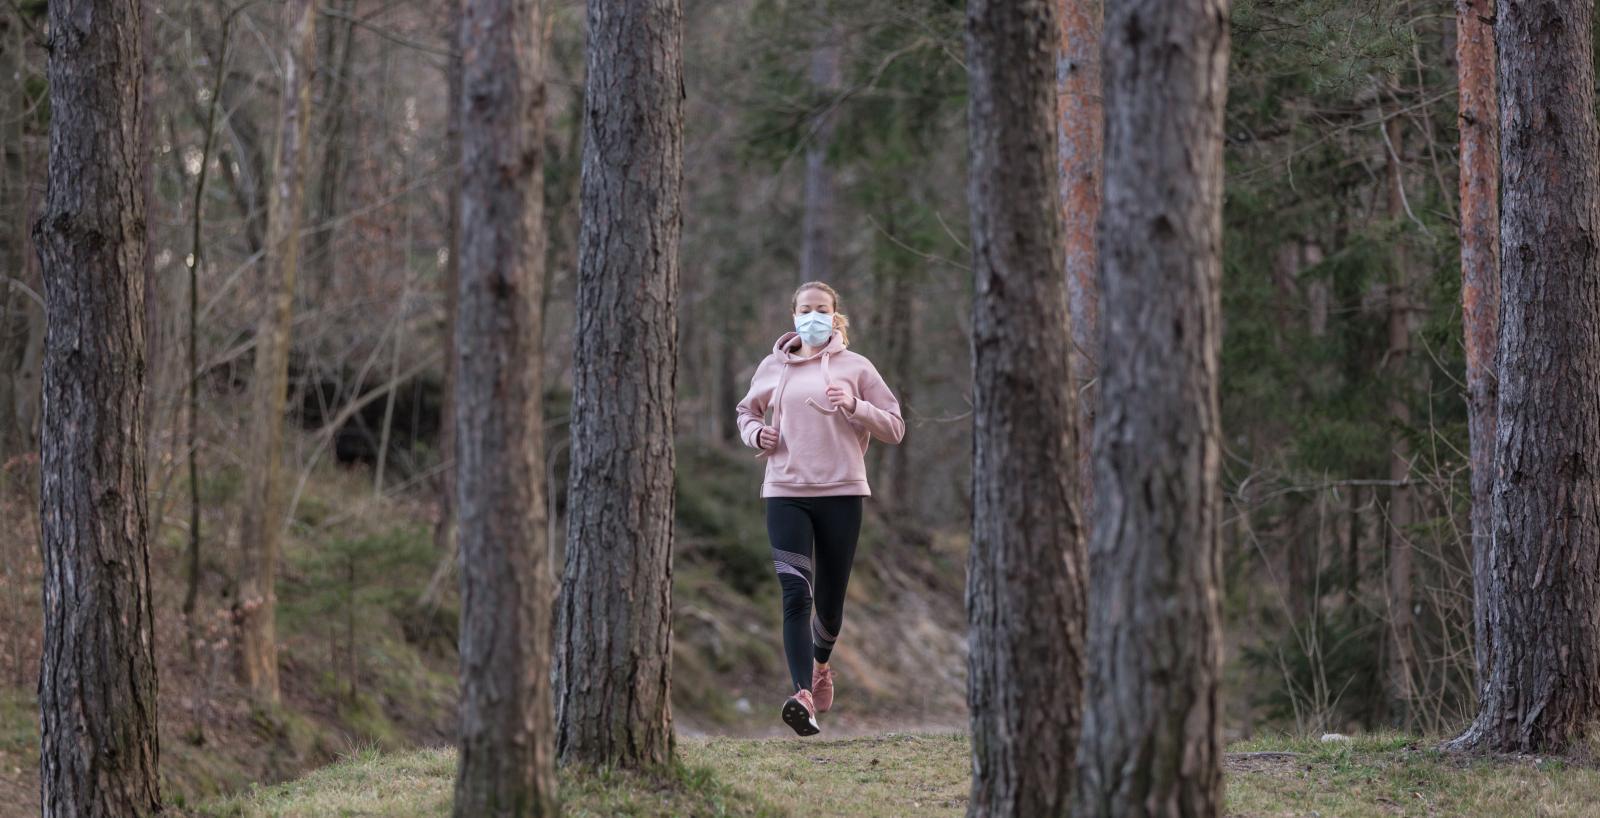 หน้ากากอนามัย , ออกกำลังกาย  , ประเทศจีน , วิ่ง  , เสียชีวิตกระทันหัน  , สวมหน้ากากอนามัยออกกำลังกาย  , COVID-19  , โควิด-19  , ไวรัสโคโรนา